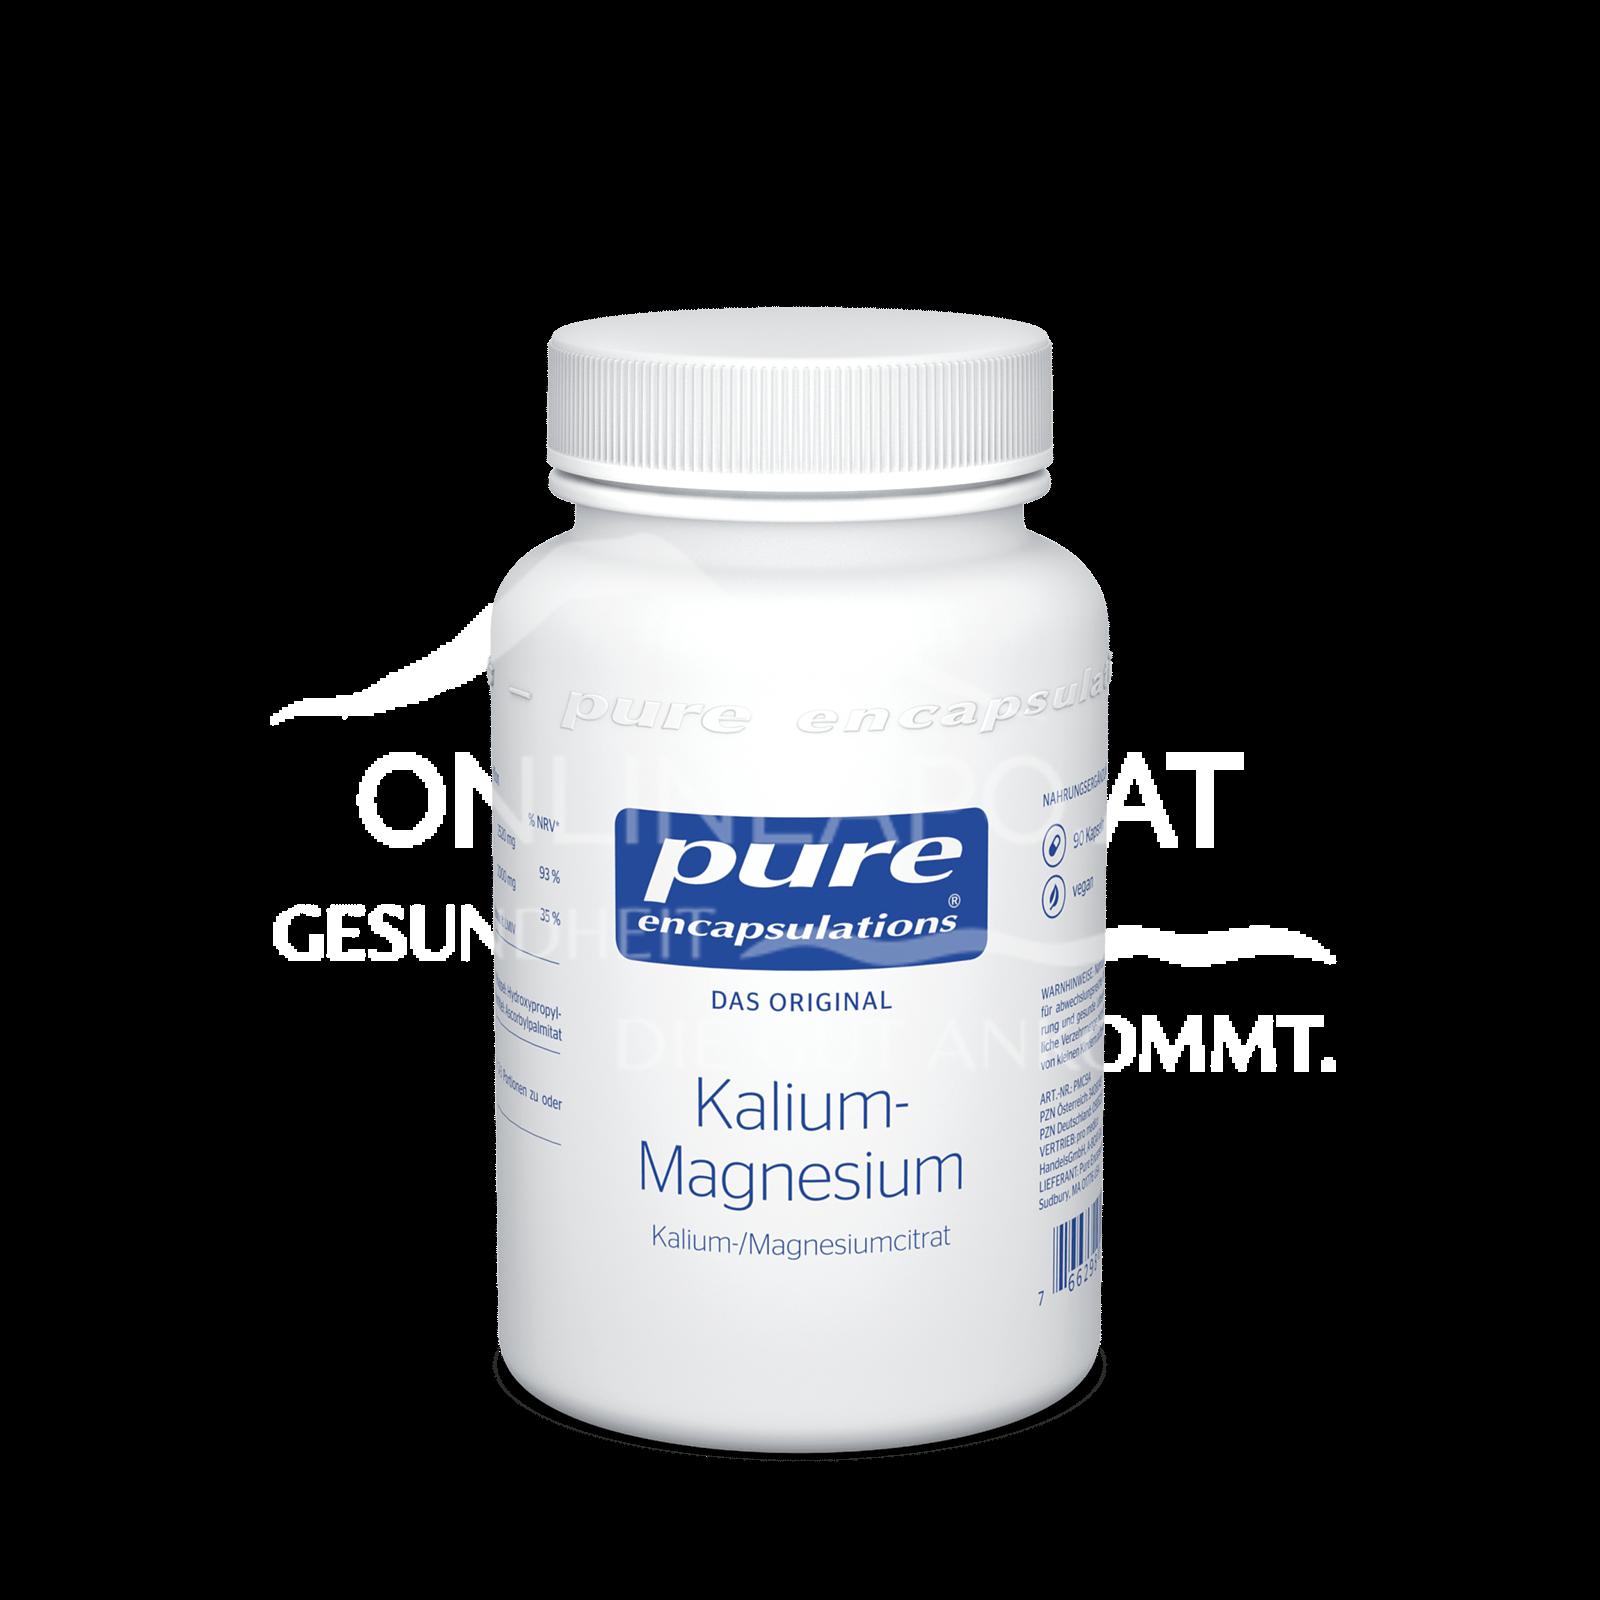 pure encapsulations® Kalium- Magnesium